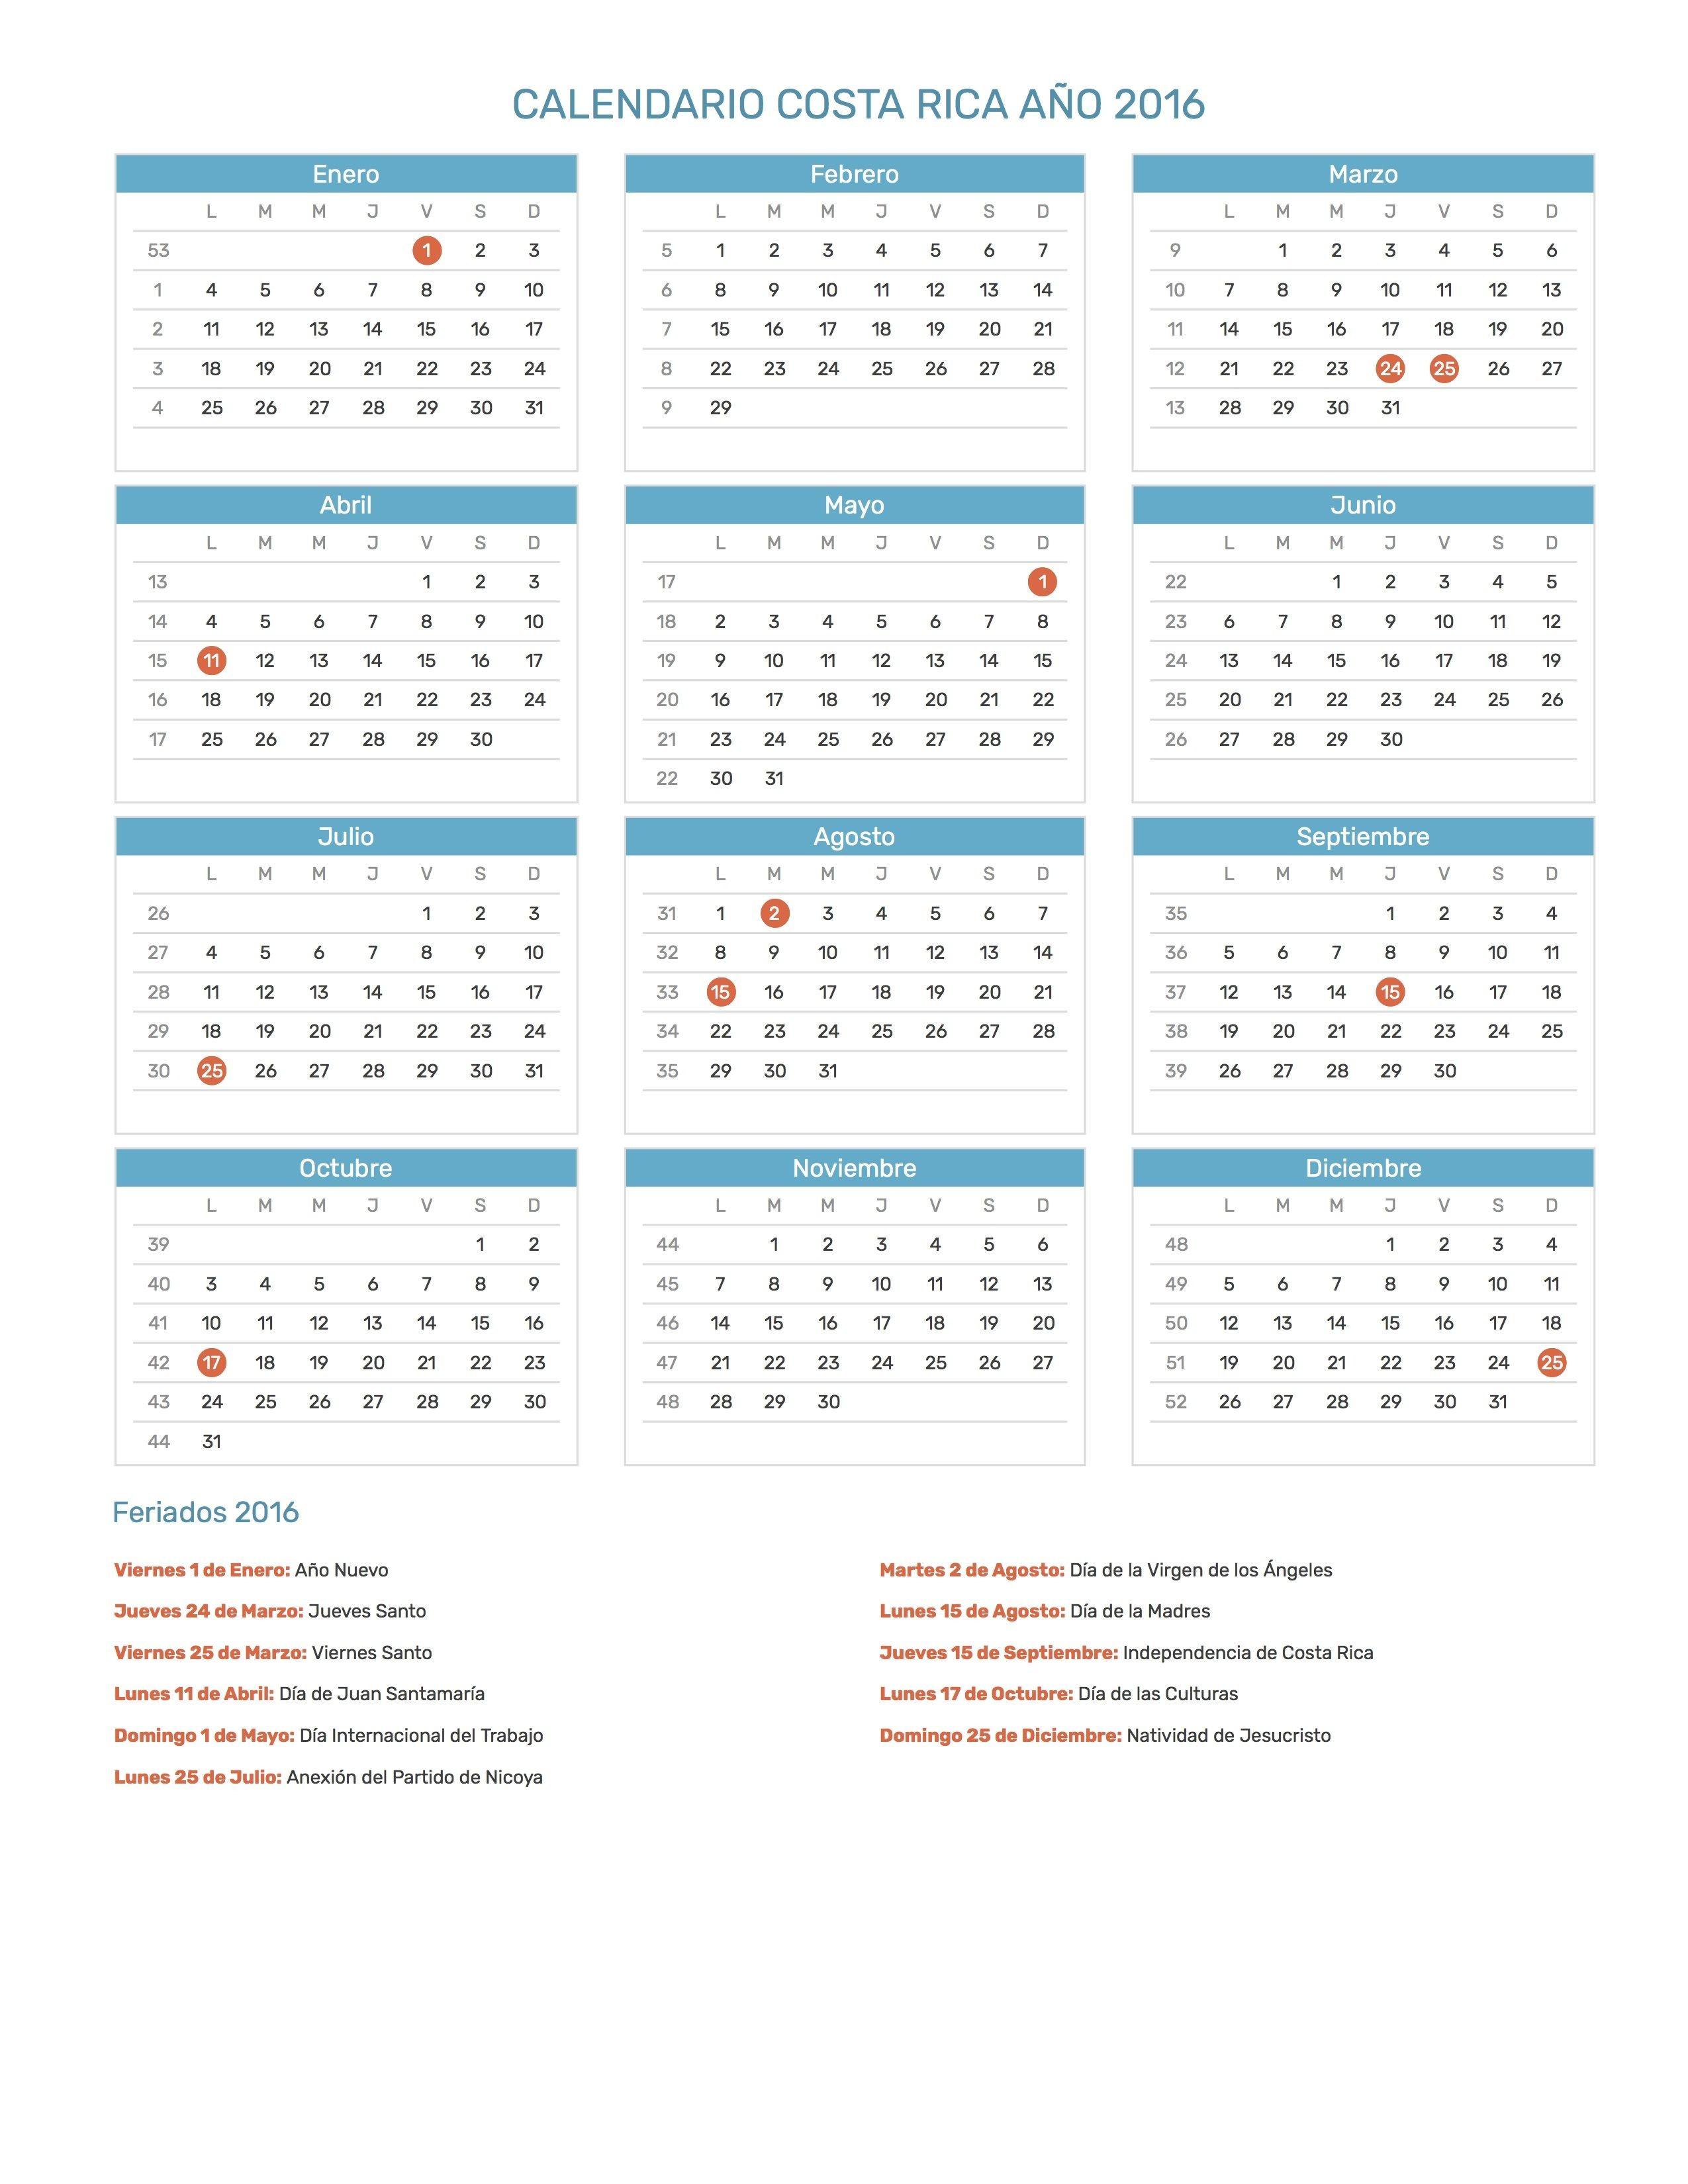 Calendario 2016 Para Imprimir Con Feriados Chile Más Actual Pin by Calendario Hispano On Calendario Con Feriados A±o 2016 Of Calendario 2016 Para Imprimir Con Feriados Chile Más Recientes Mie Calendario 2017 Jpg Almanaque Newspictures